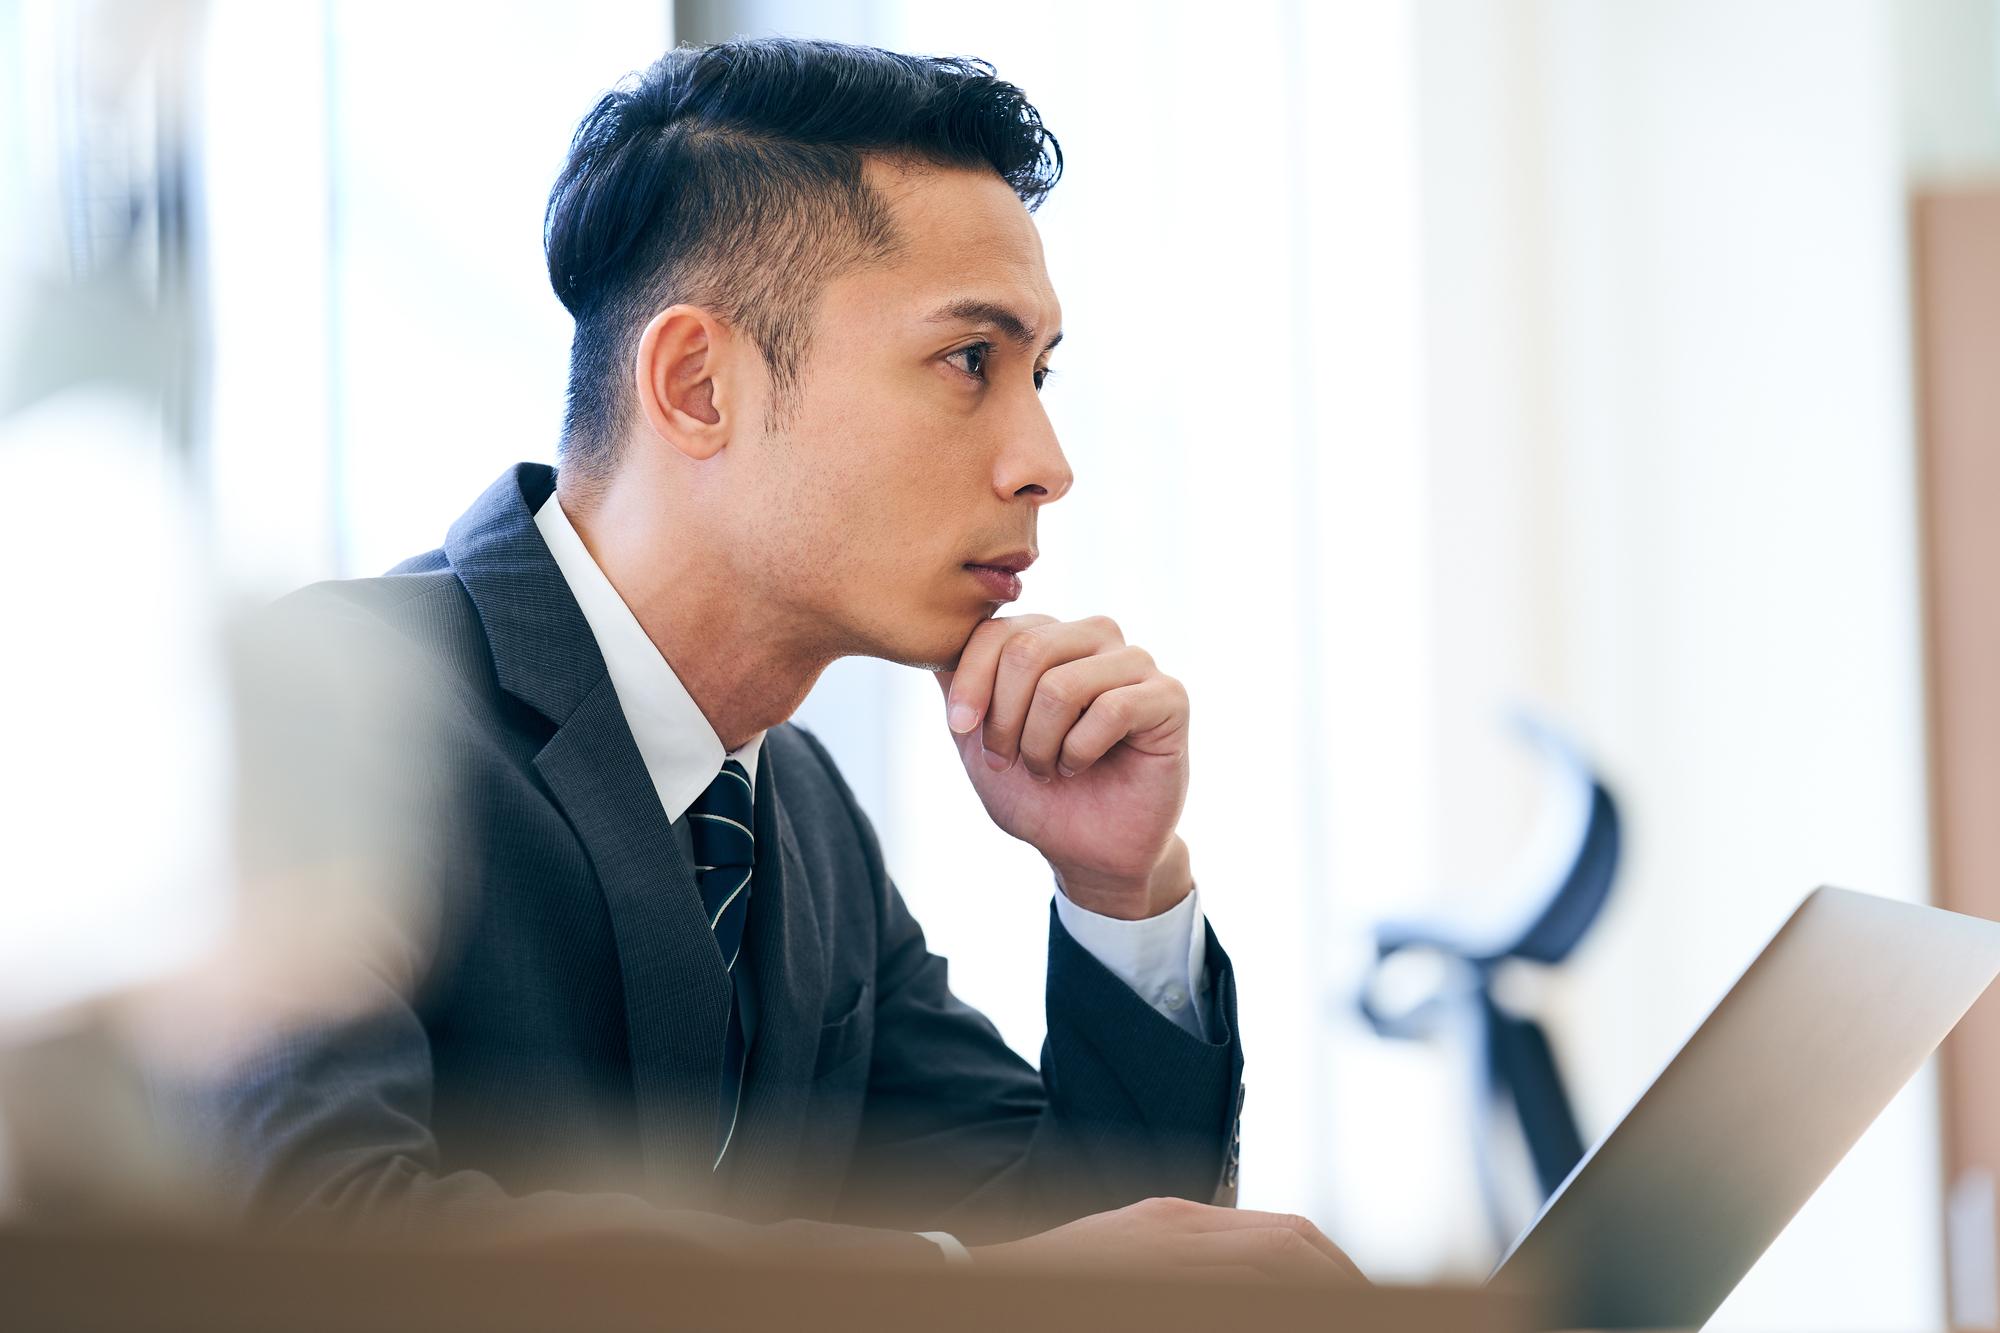 集中して仕事をする男性